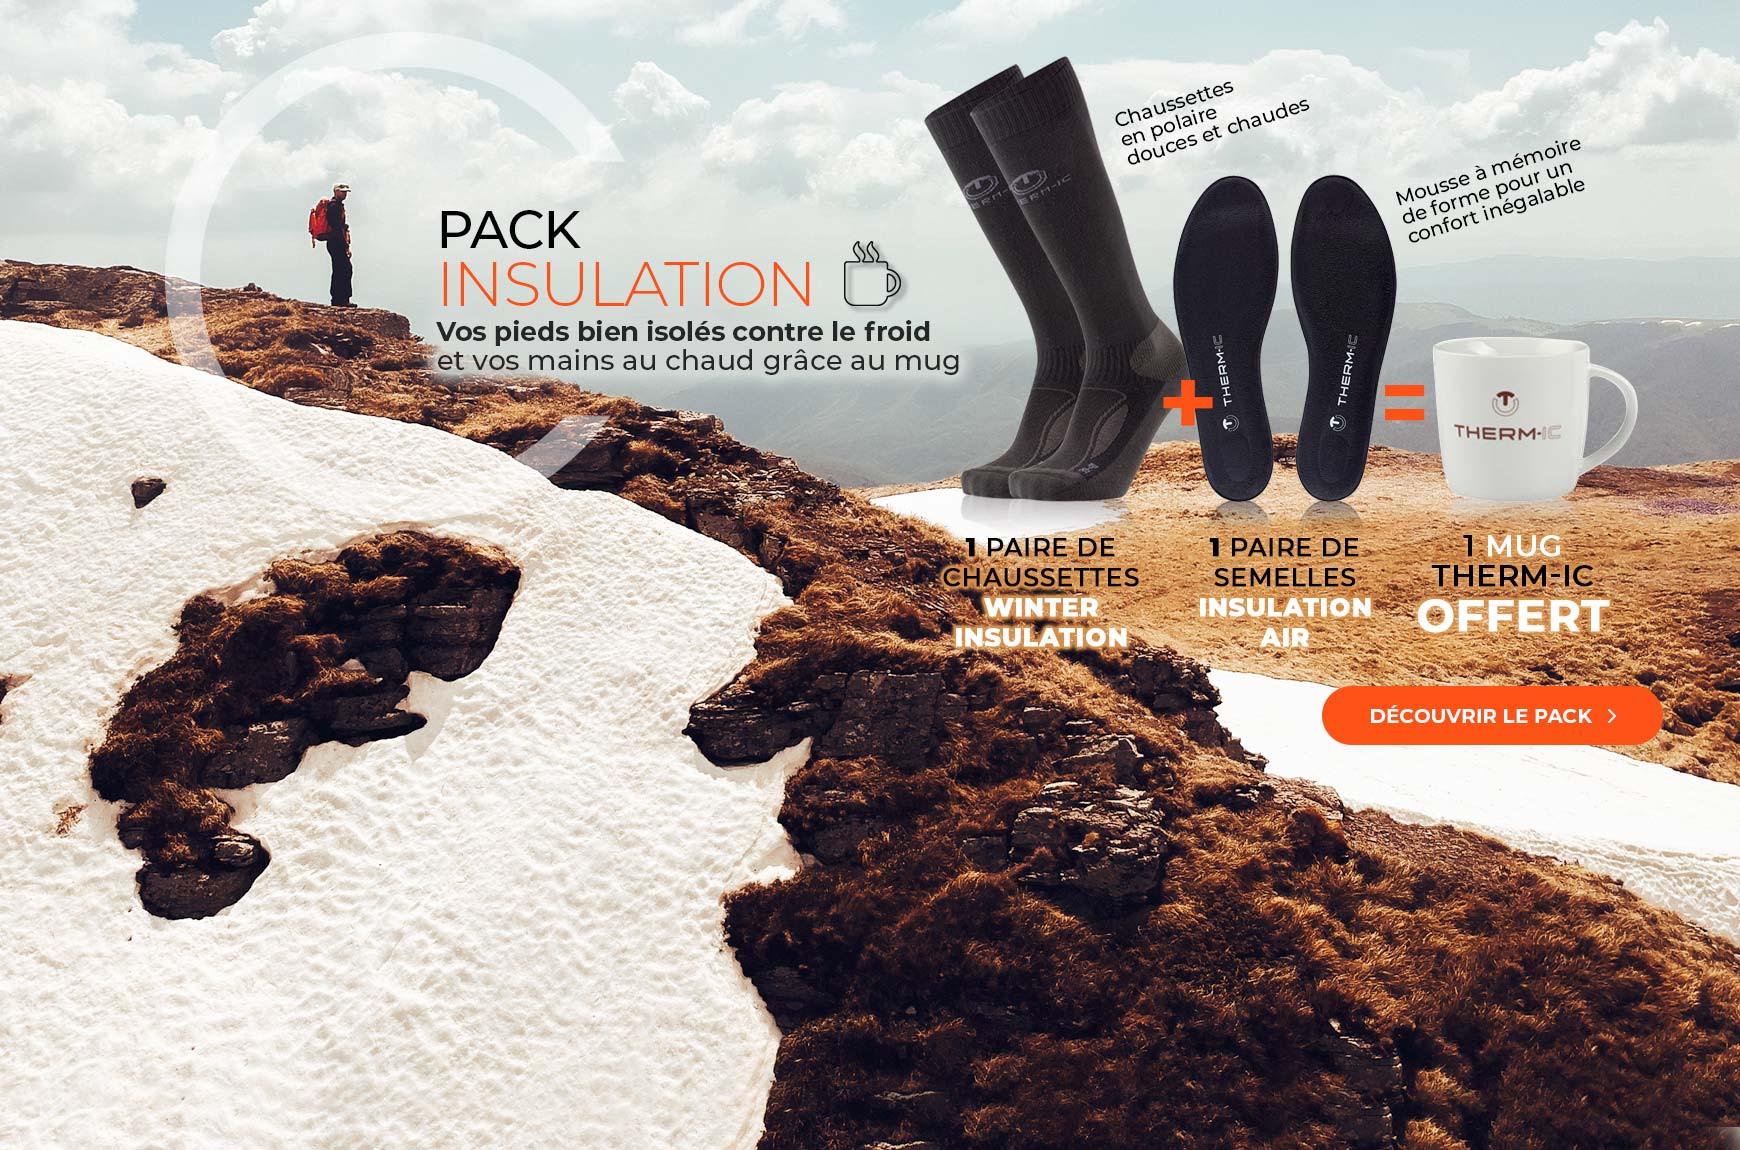 Profitez de notre pack winter insulation et bénéficiez d'un mug offert